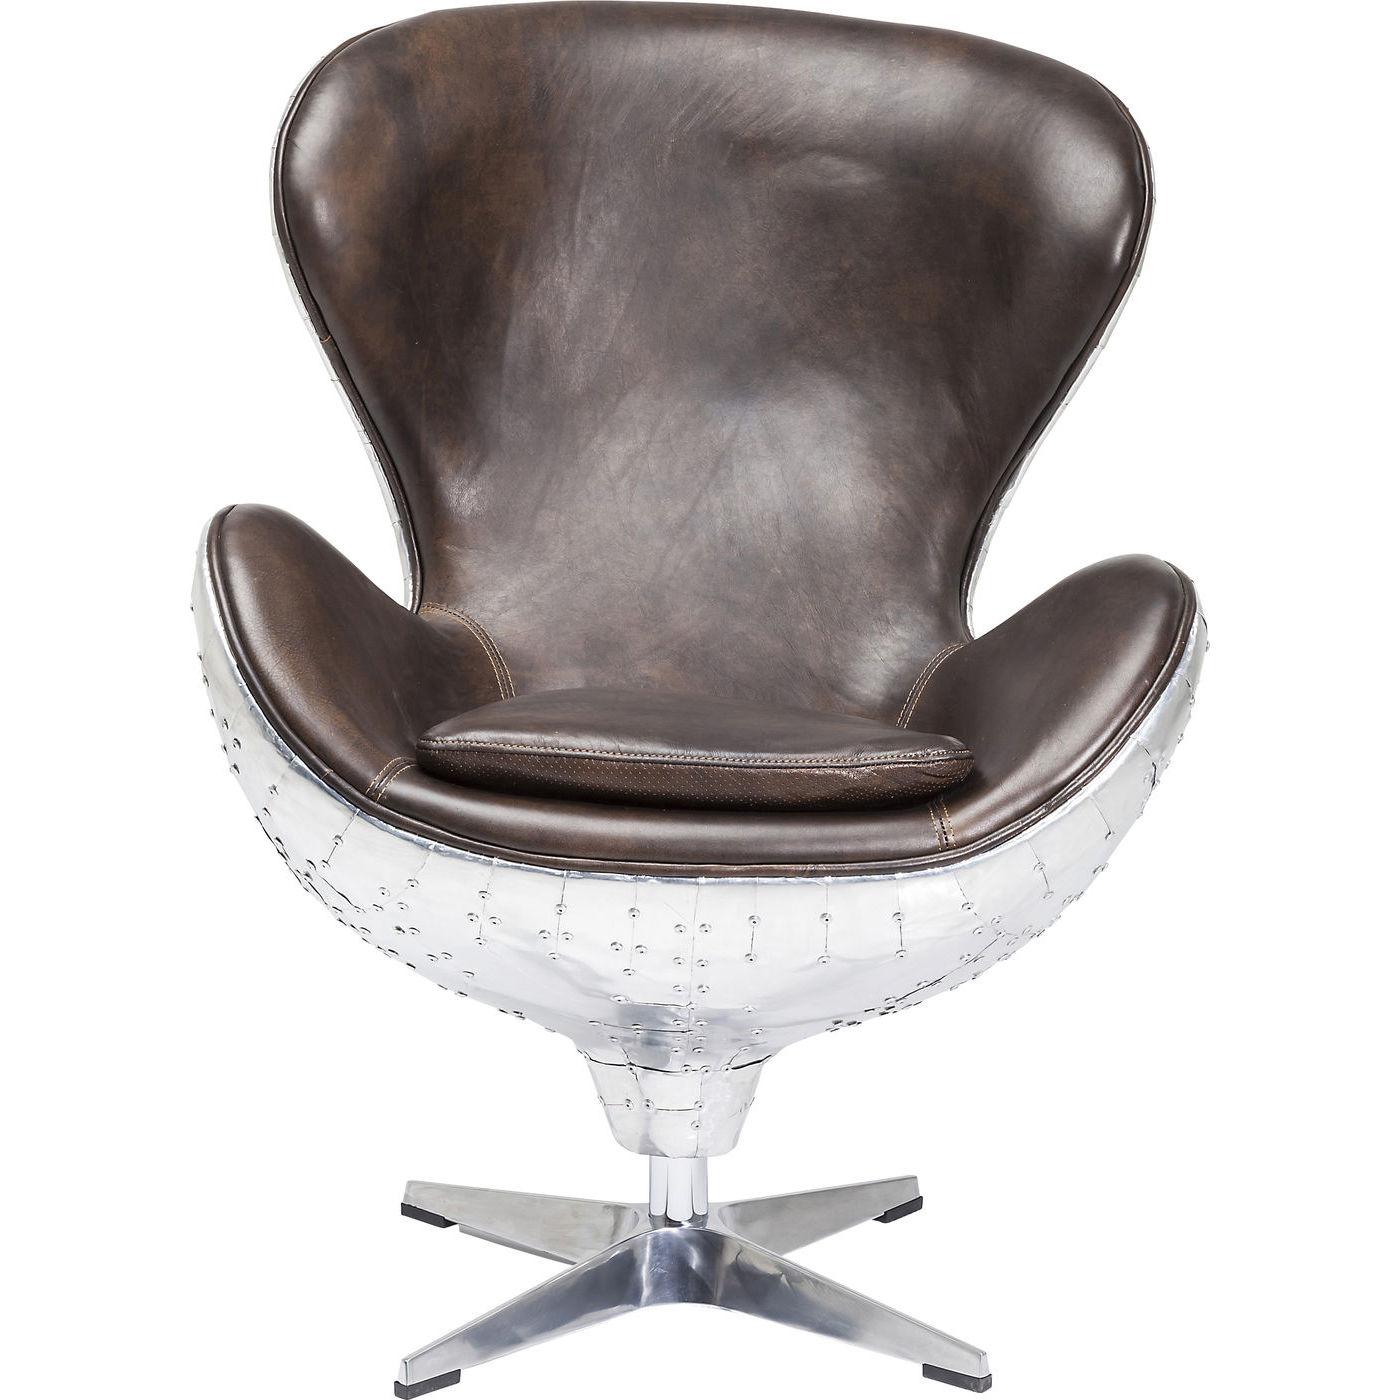 KARE DESIGN Soho Big Boss Brown drejestol - brunt skind og aluminium